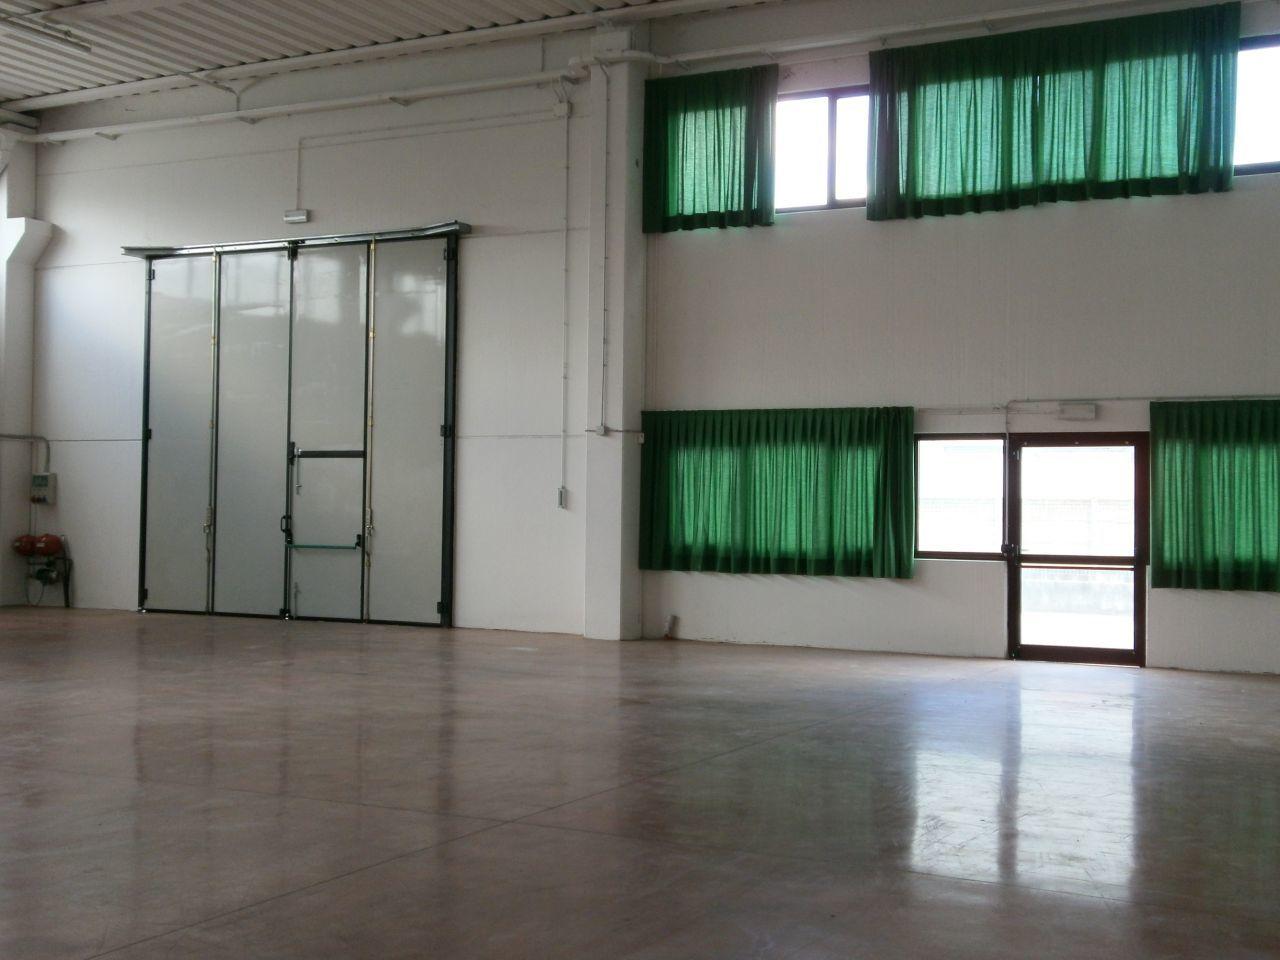 Capannone in affitto a Pressana, 1 locali, prezzo € 1.500 | CambioCasa.it